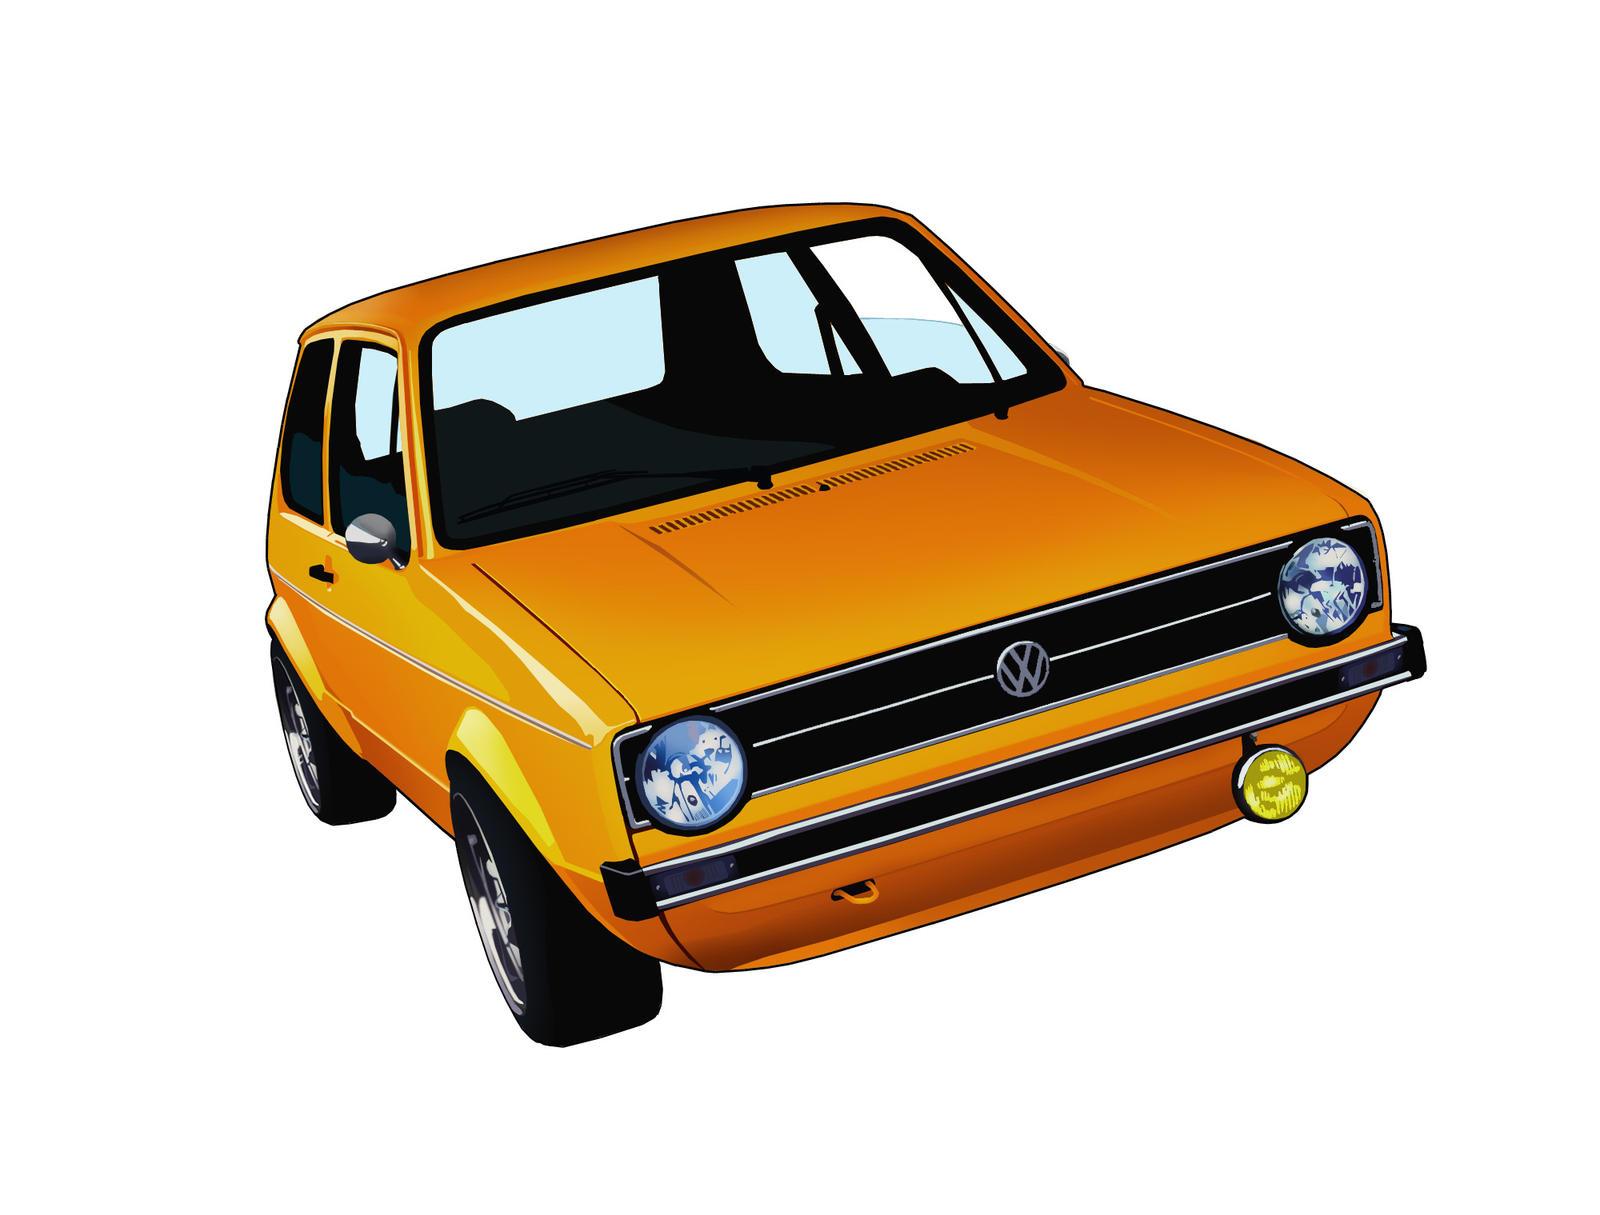 sadiss anyarrrrrrrrrrrrrrrrrrrr porsche 997 gt2 jaune logo gt2. Black Bedroom Furniture Sets. Home Design Ideas